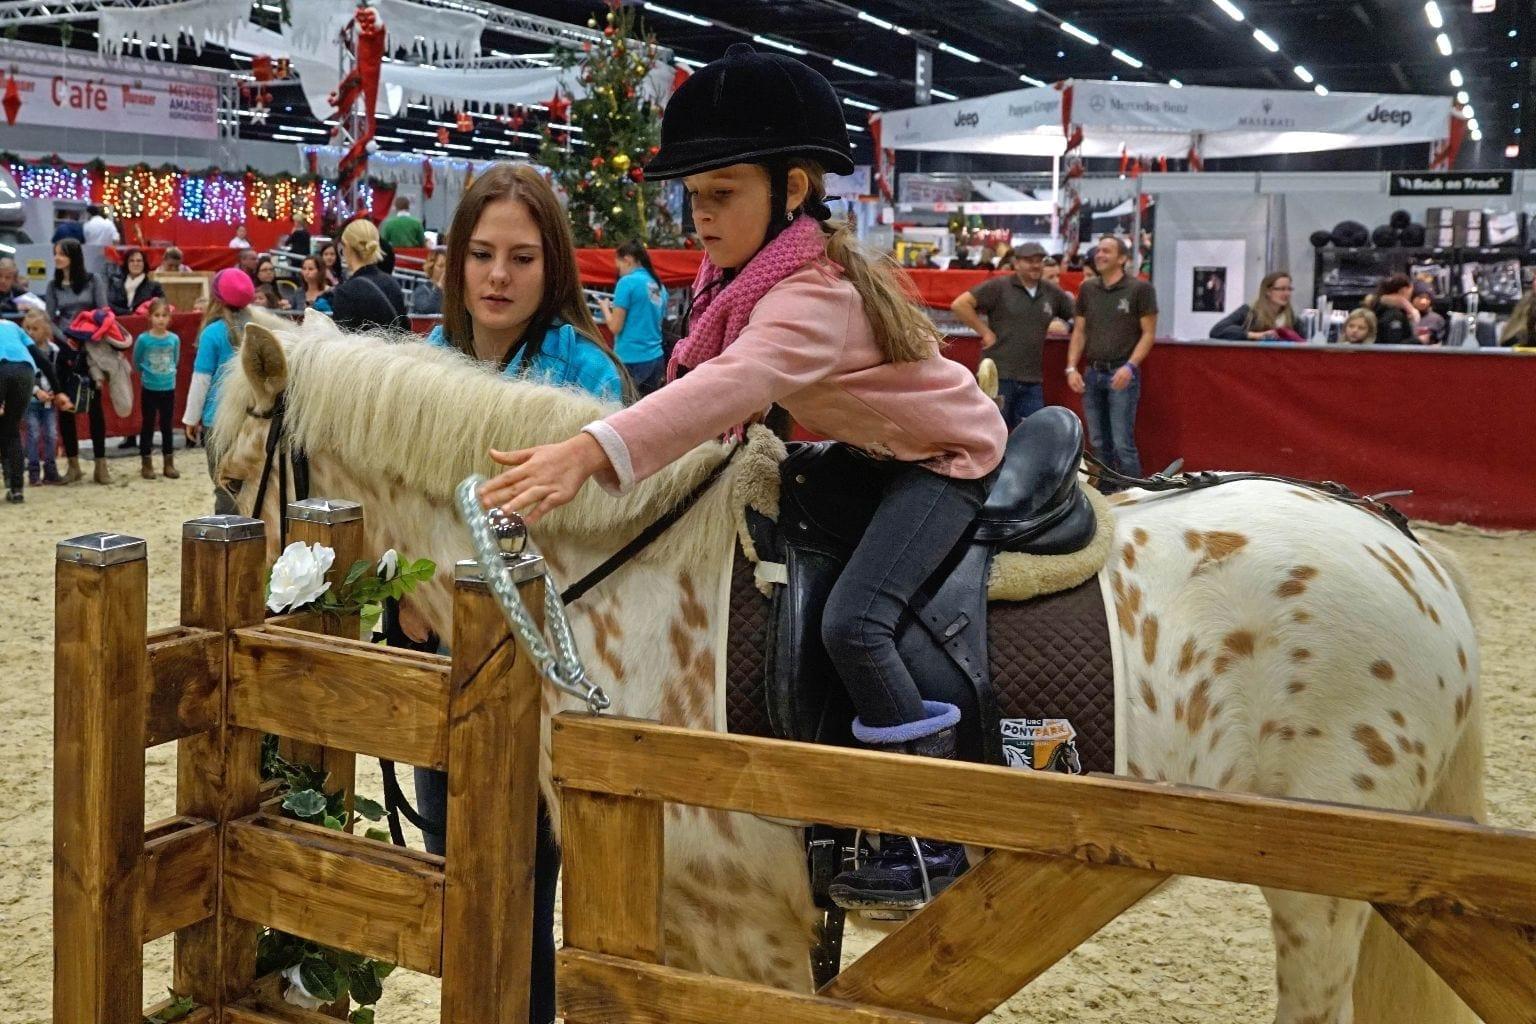 Es geht rund in der Fun4kids area der Mevisto Amadeus Horse Indoors. © Salzburg City Guide